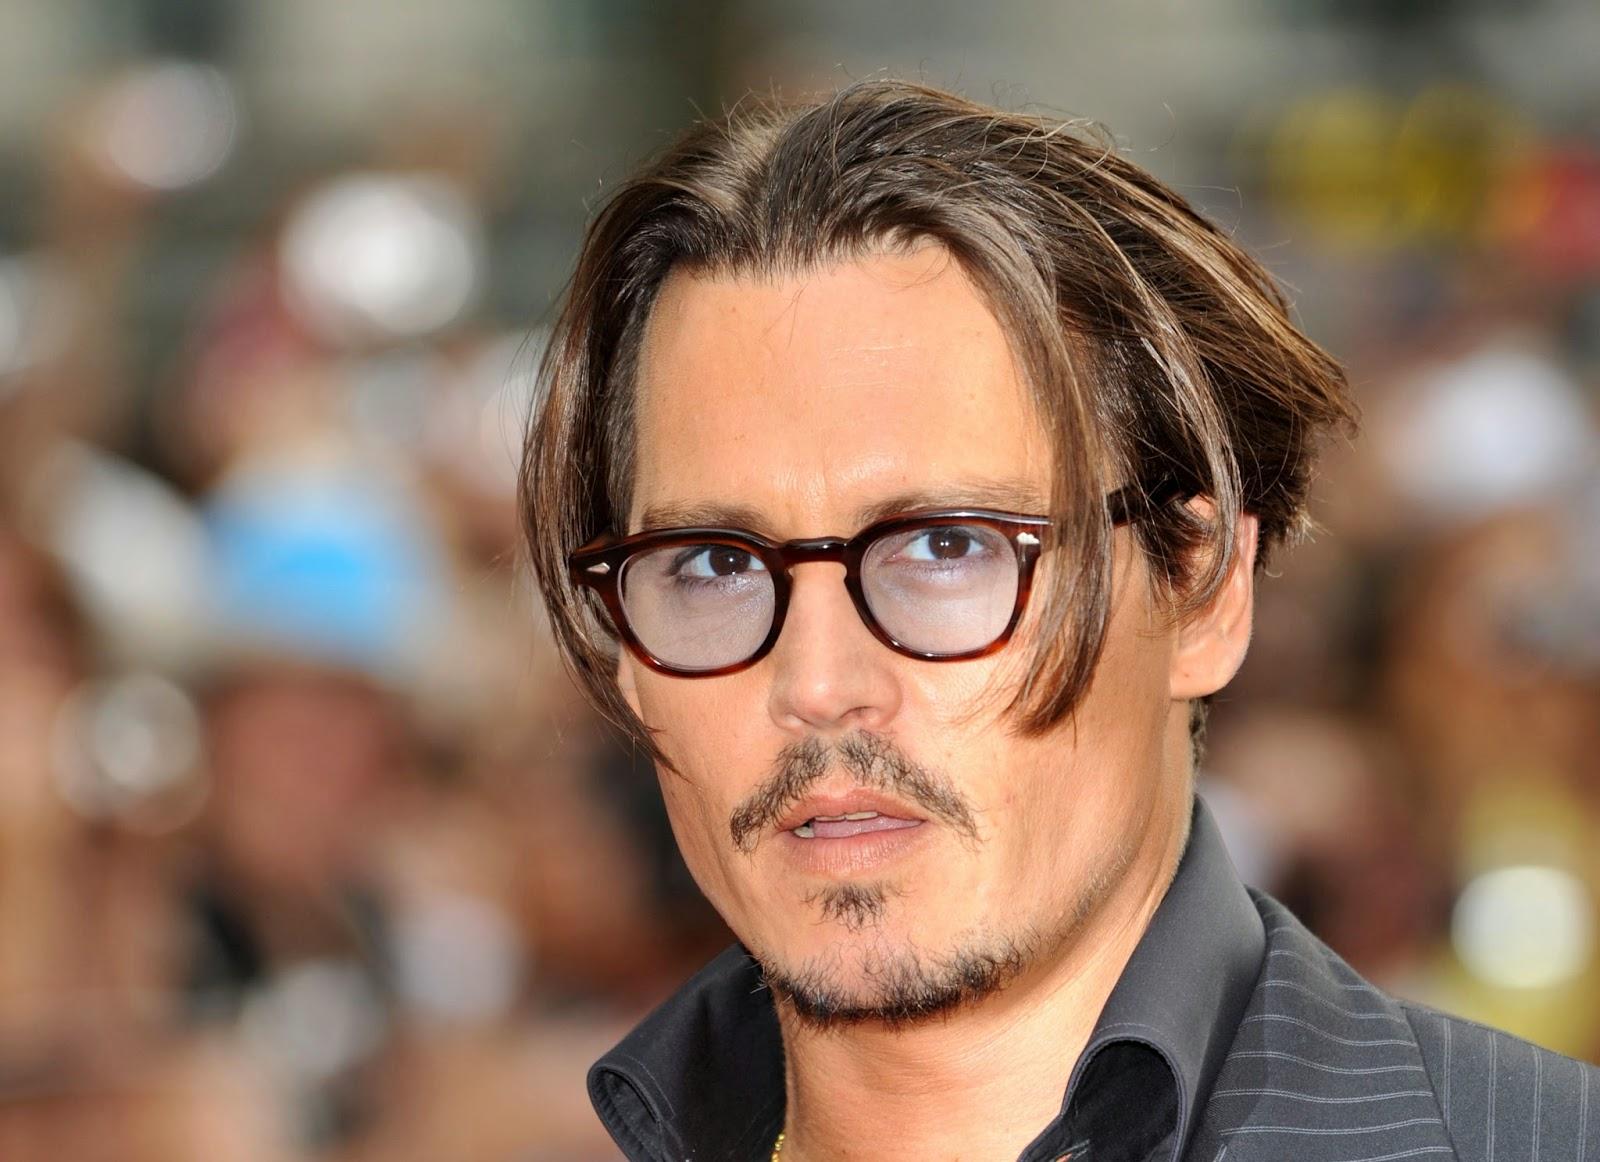 Johnny Depp-Biografia e Fotos